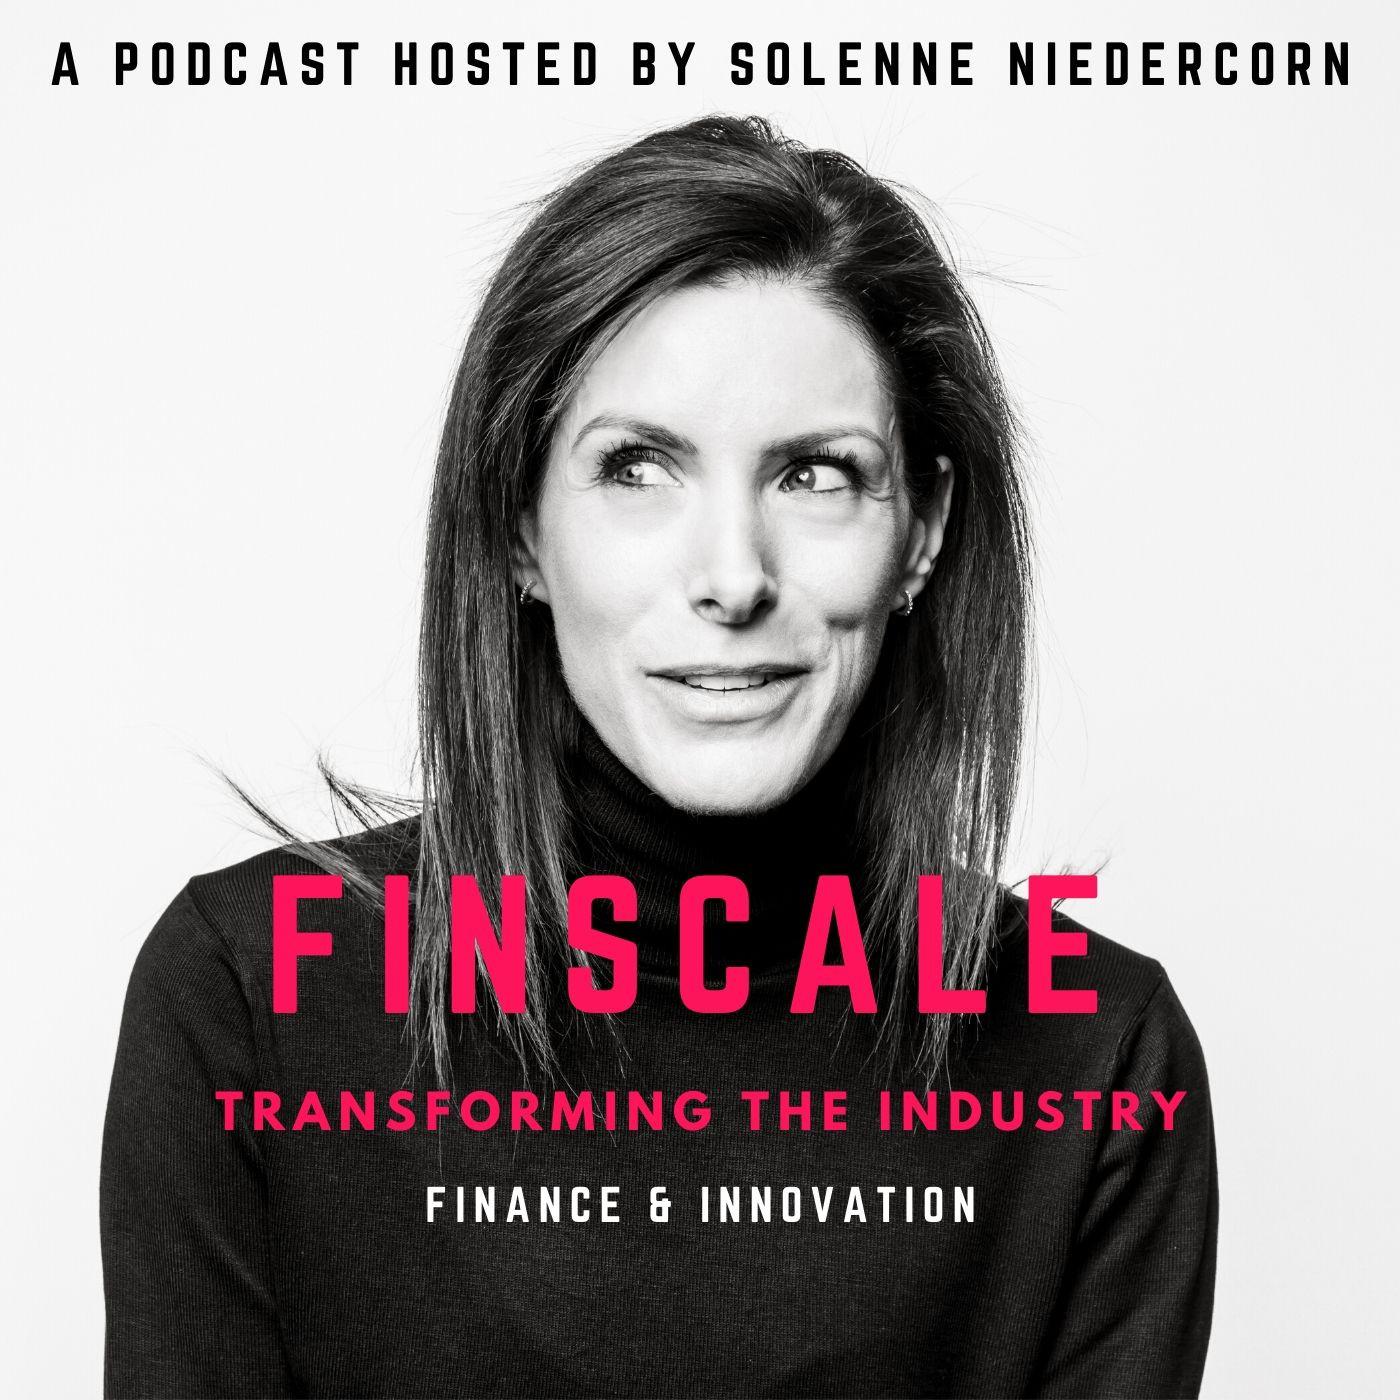 Intro - Solenne Niedercorn - Pourquoi Finscale ?